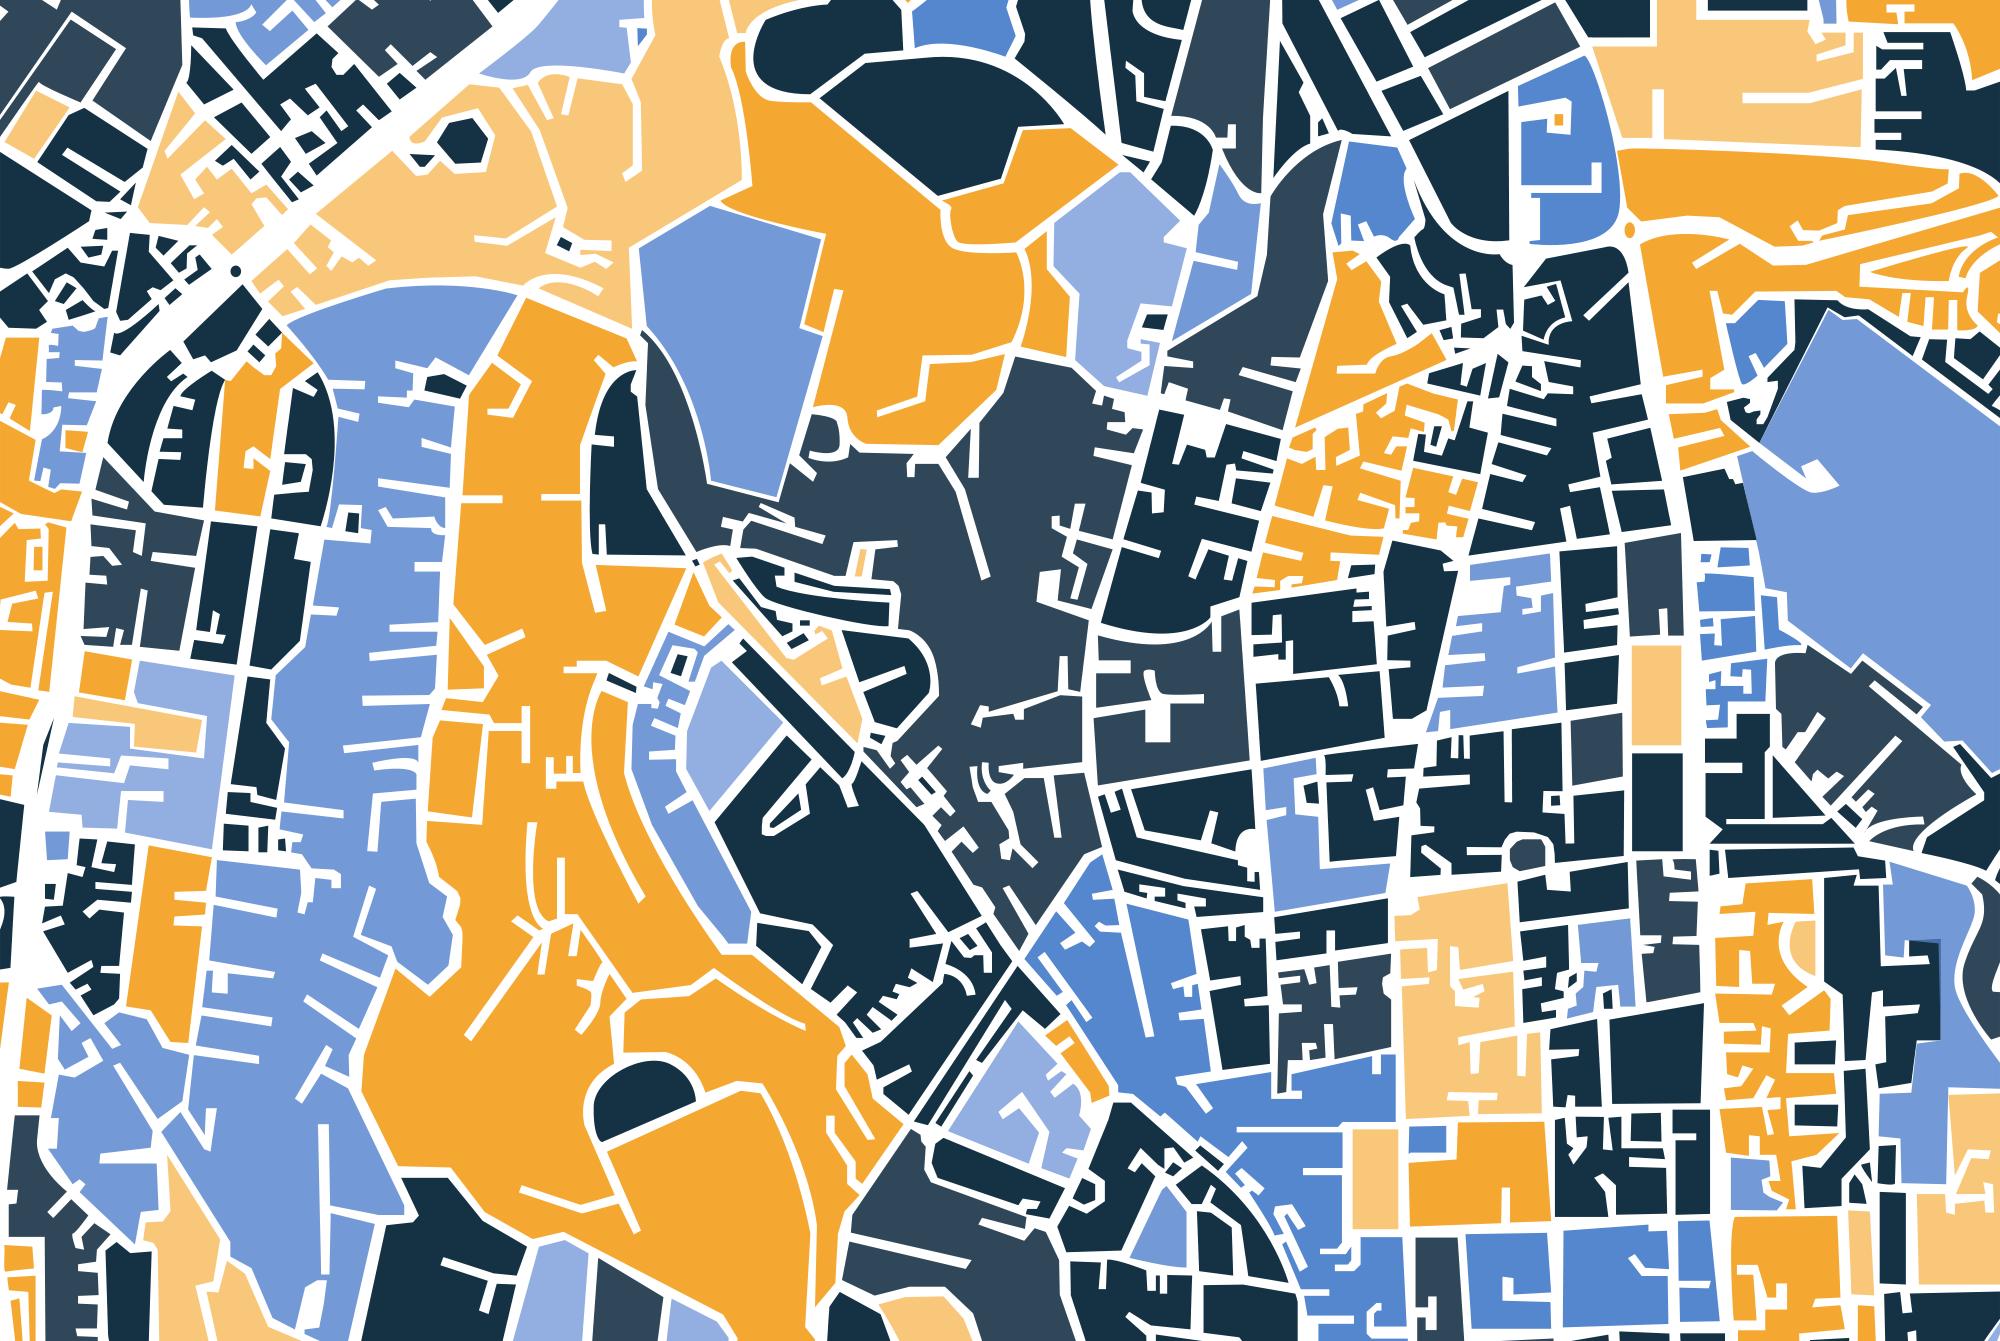 Нова програма розвитку міст: переклад українською + пояснення